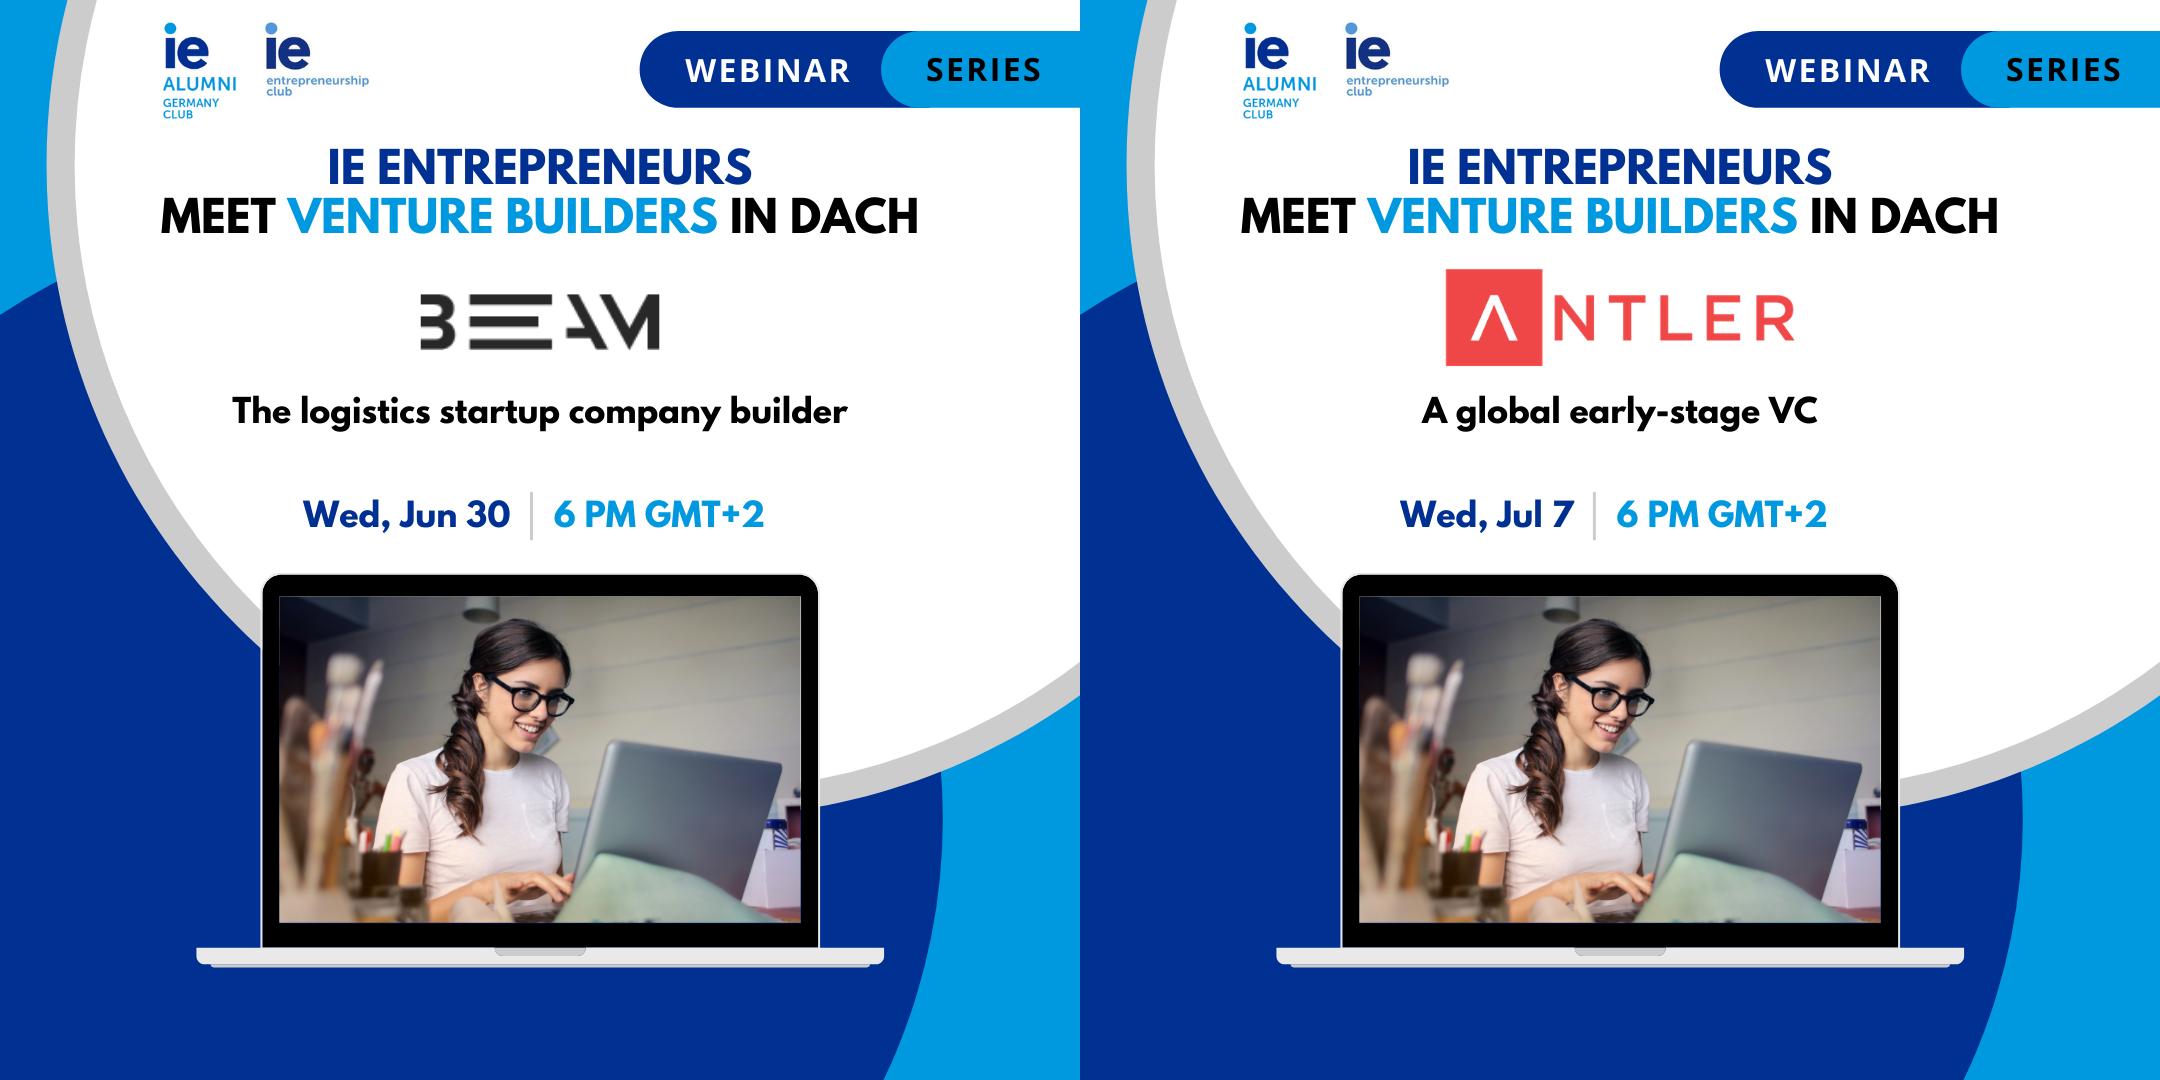 IE Entrepreneurs meet Venture Builders in DACH